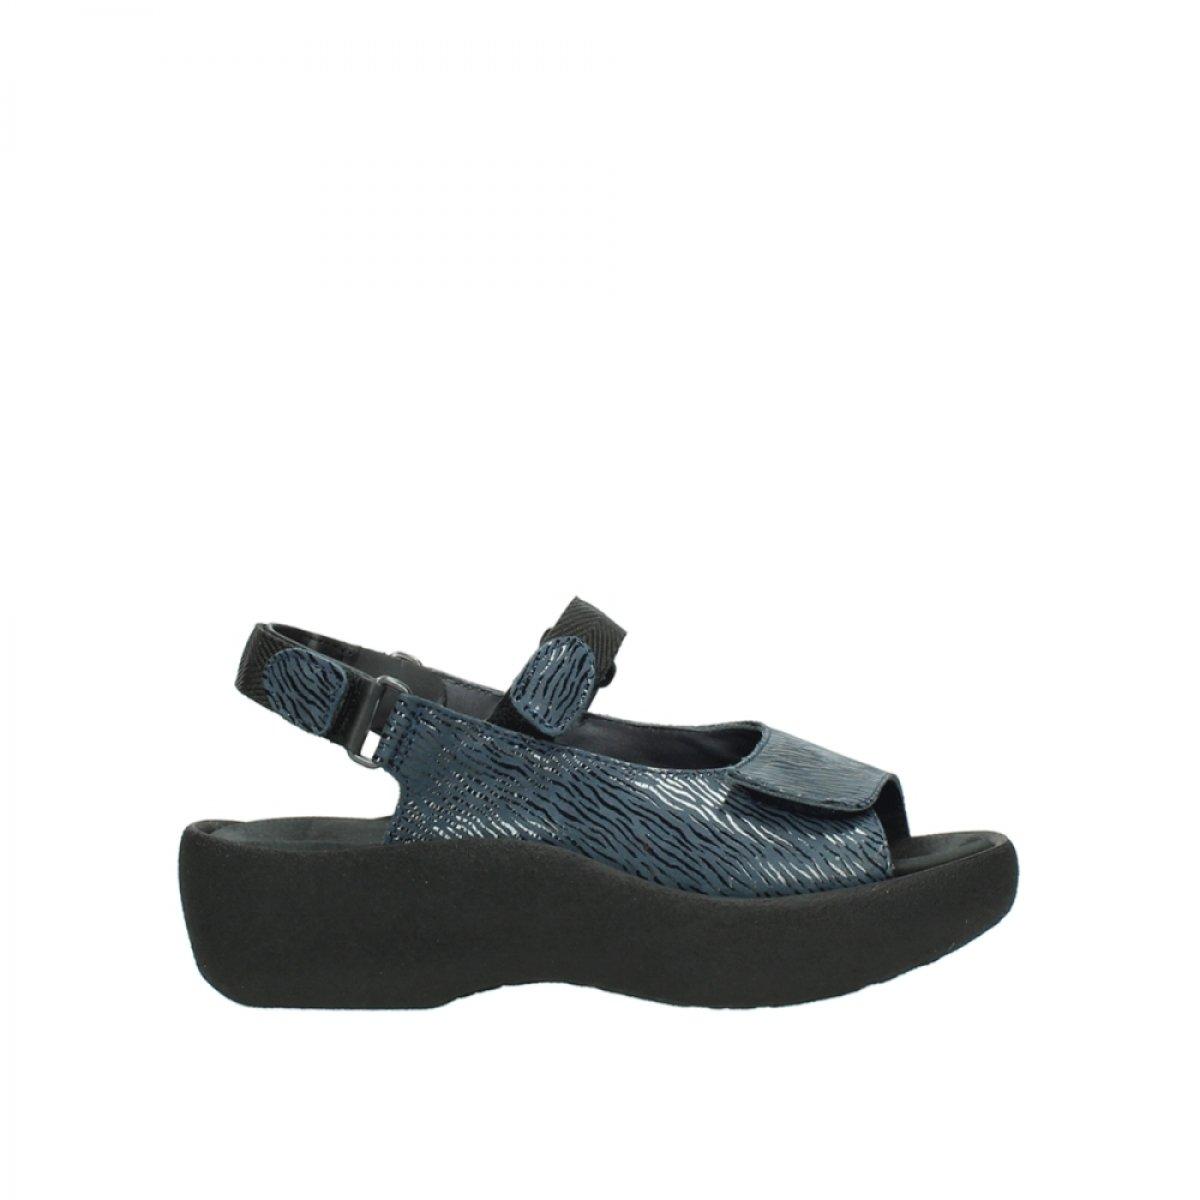 Wolky Comfort Jewel B01LYX1I0K 36 M EU|70820 Denim Canals